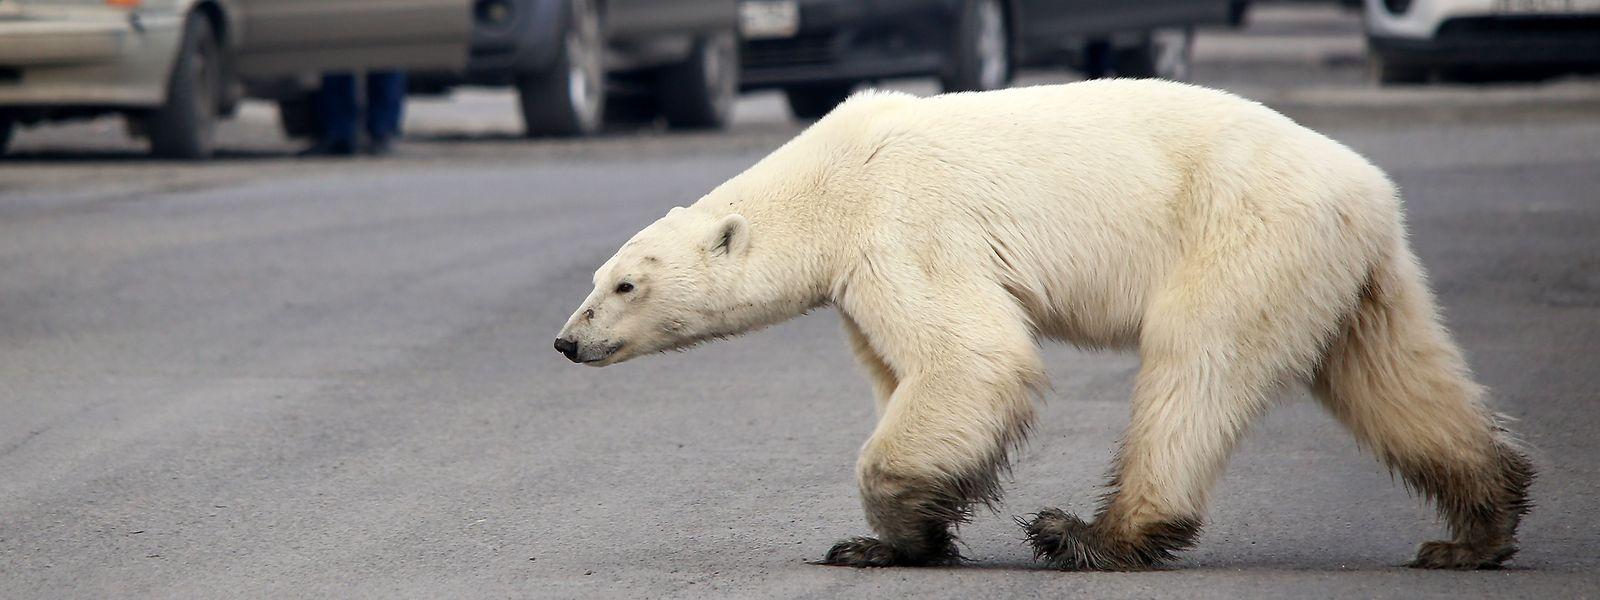 Um urso polar esfomeado foi recentemente avistado nos arredores da cidade russa de Norilsk.